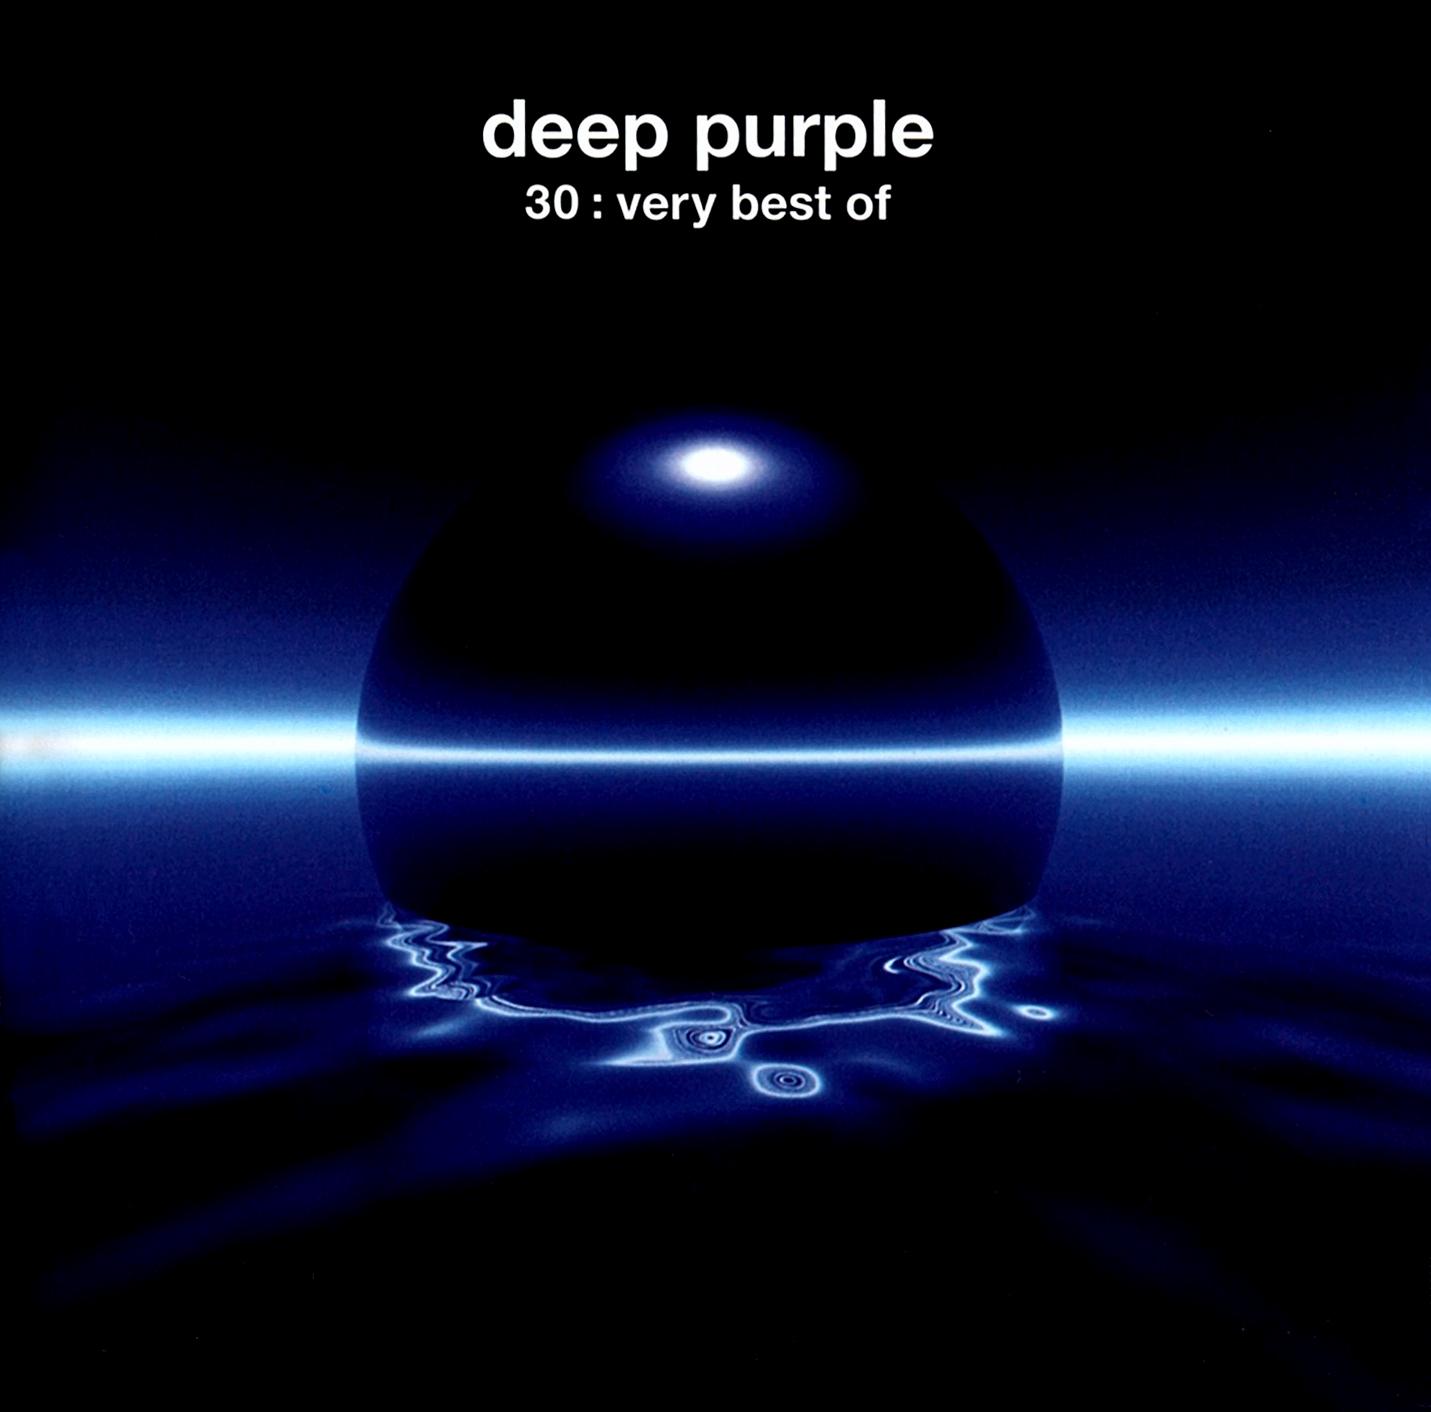 Deep Purple (ディープ・パープル) ベスト・アルバム『30 : very best of (ザ・ベスト・オブ)』(1998年発売) 高画質CDジャケット画像